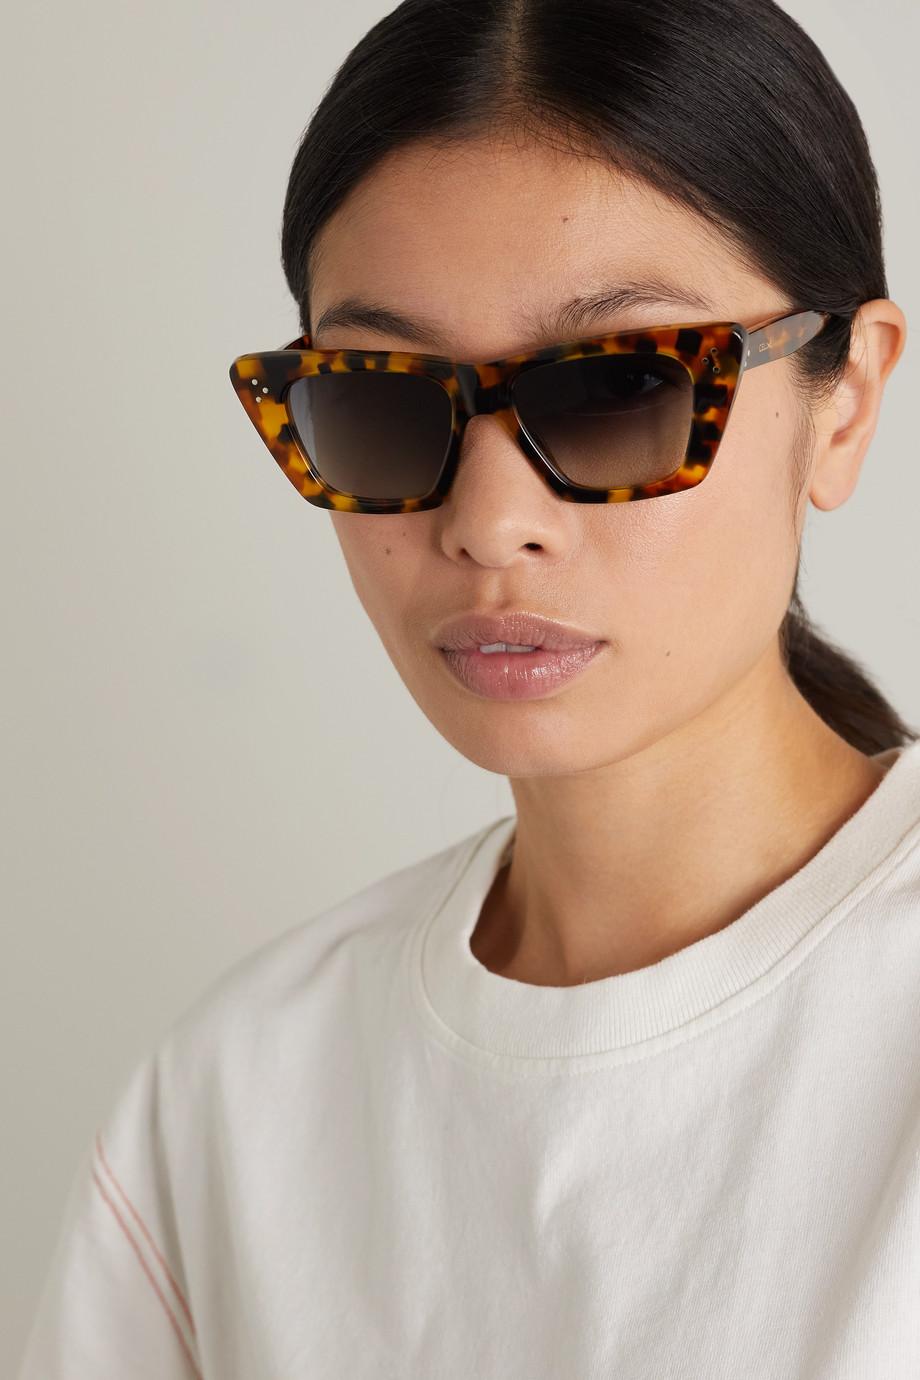 CELINE Eyewear Edge Sonnenbrille mit Cat-Eye-Rahmen aus Azetat in Hornoptik